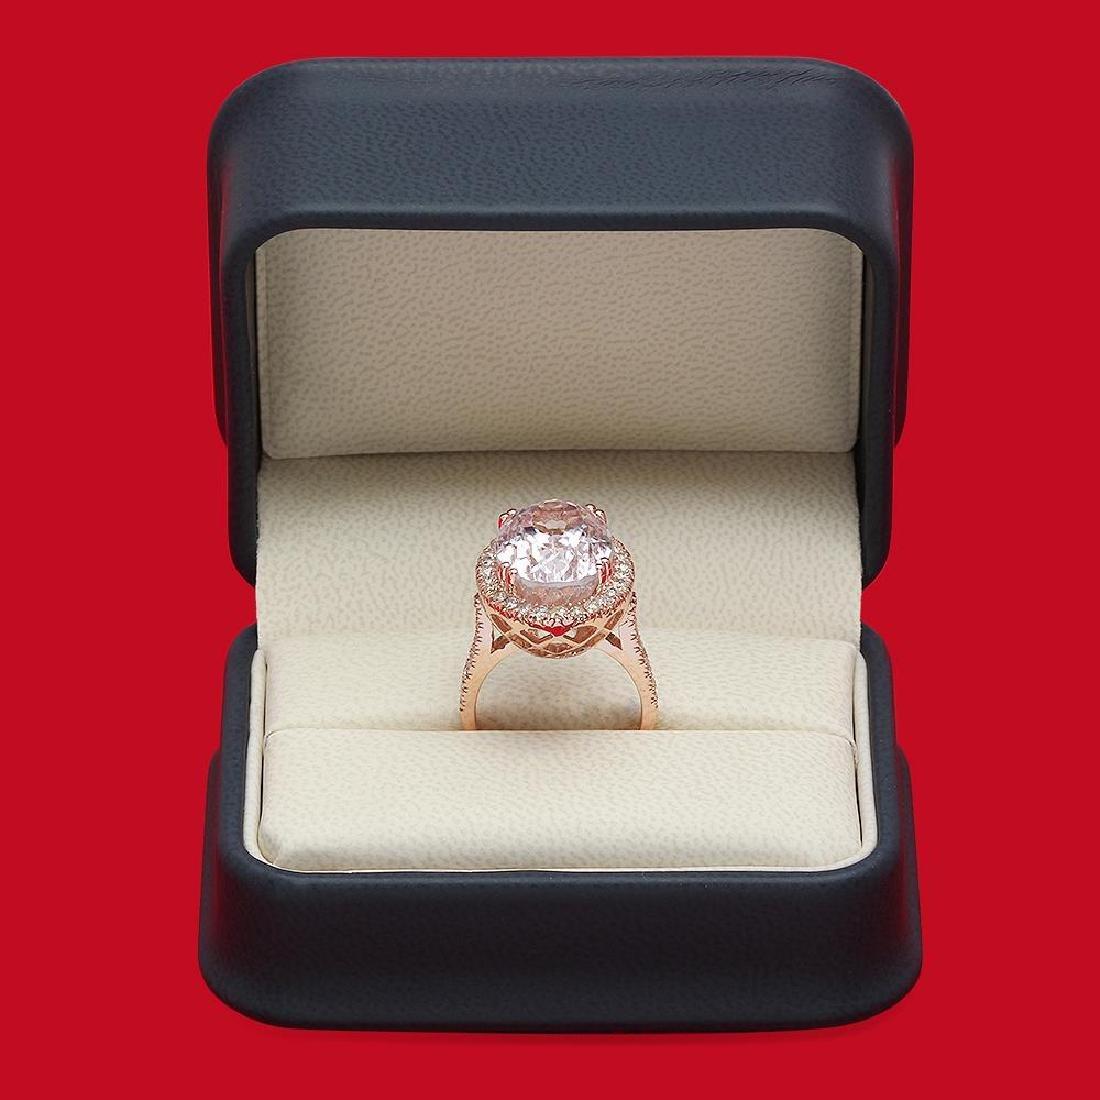 14K Gold 16.21ct Kunzite 1.02ct Diamond Ring - 4